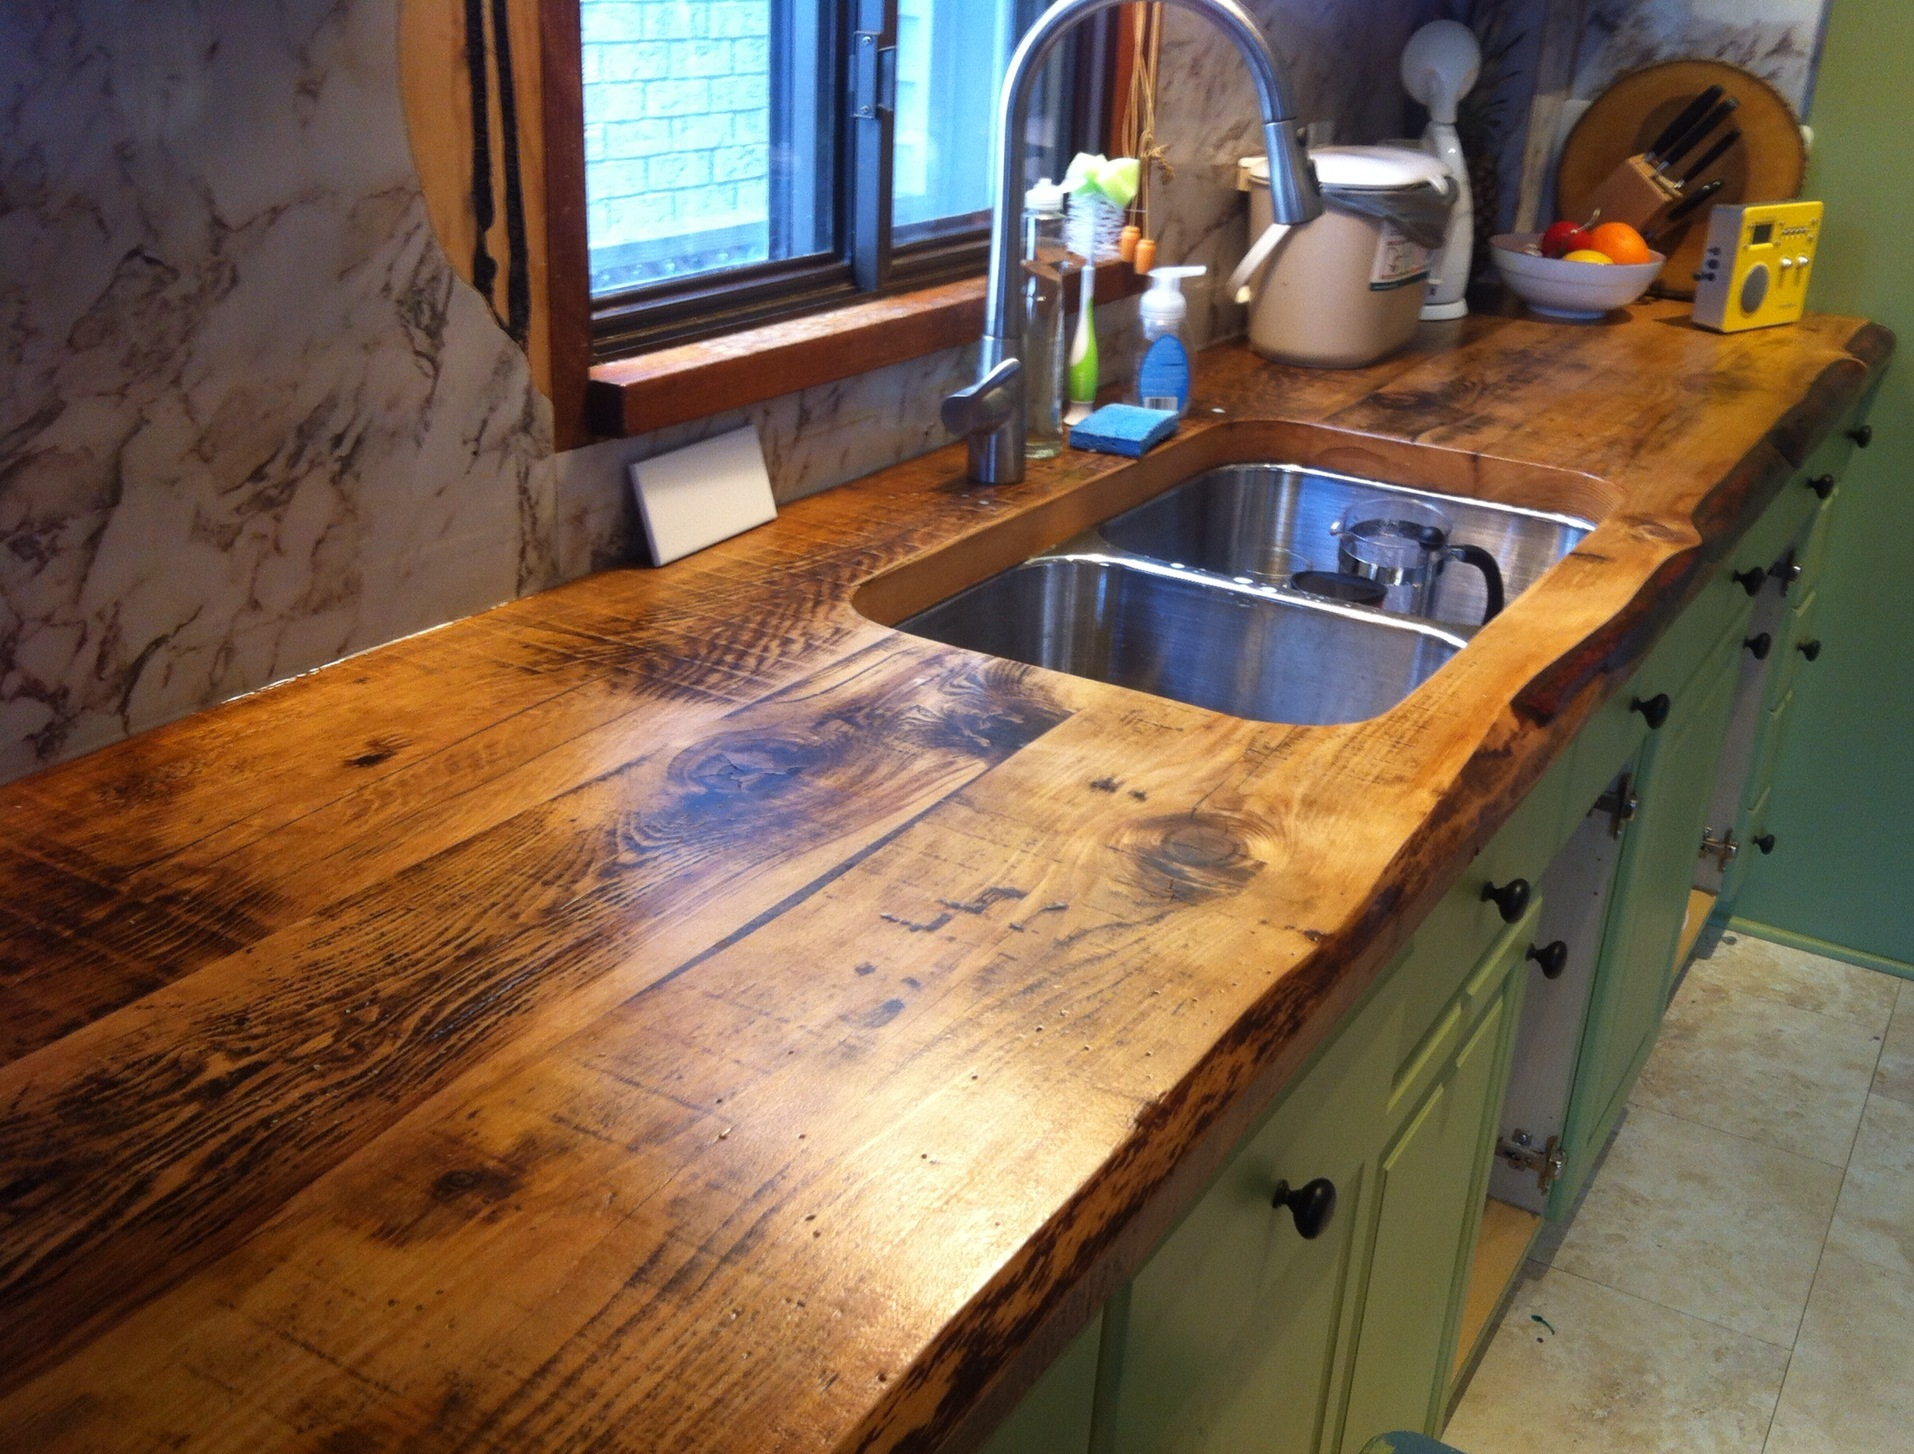 Деревянные кухонные столешницы из темного дерева вокруг раковины - фото 2